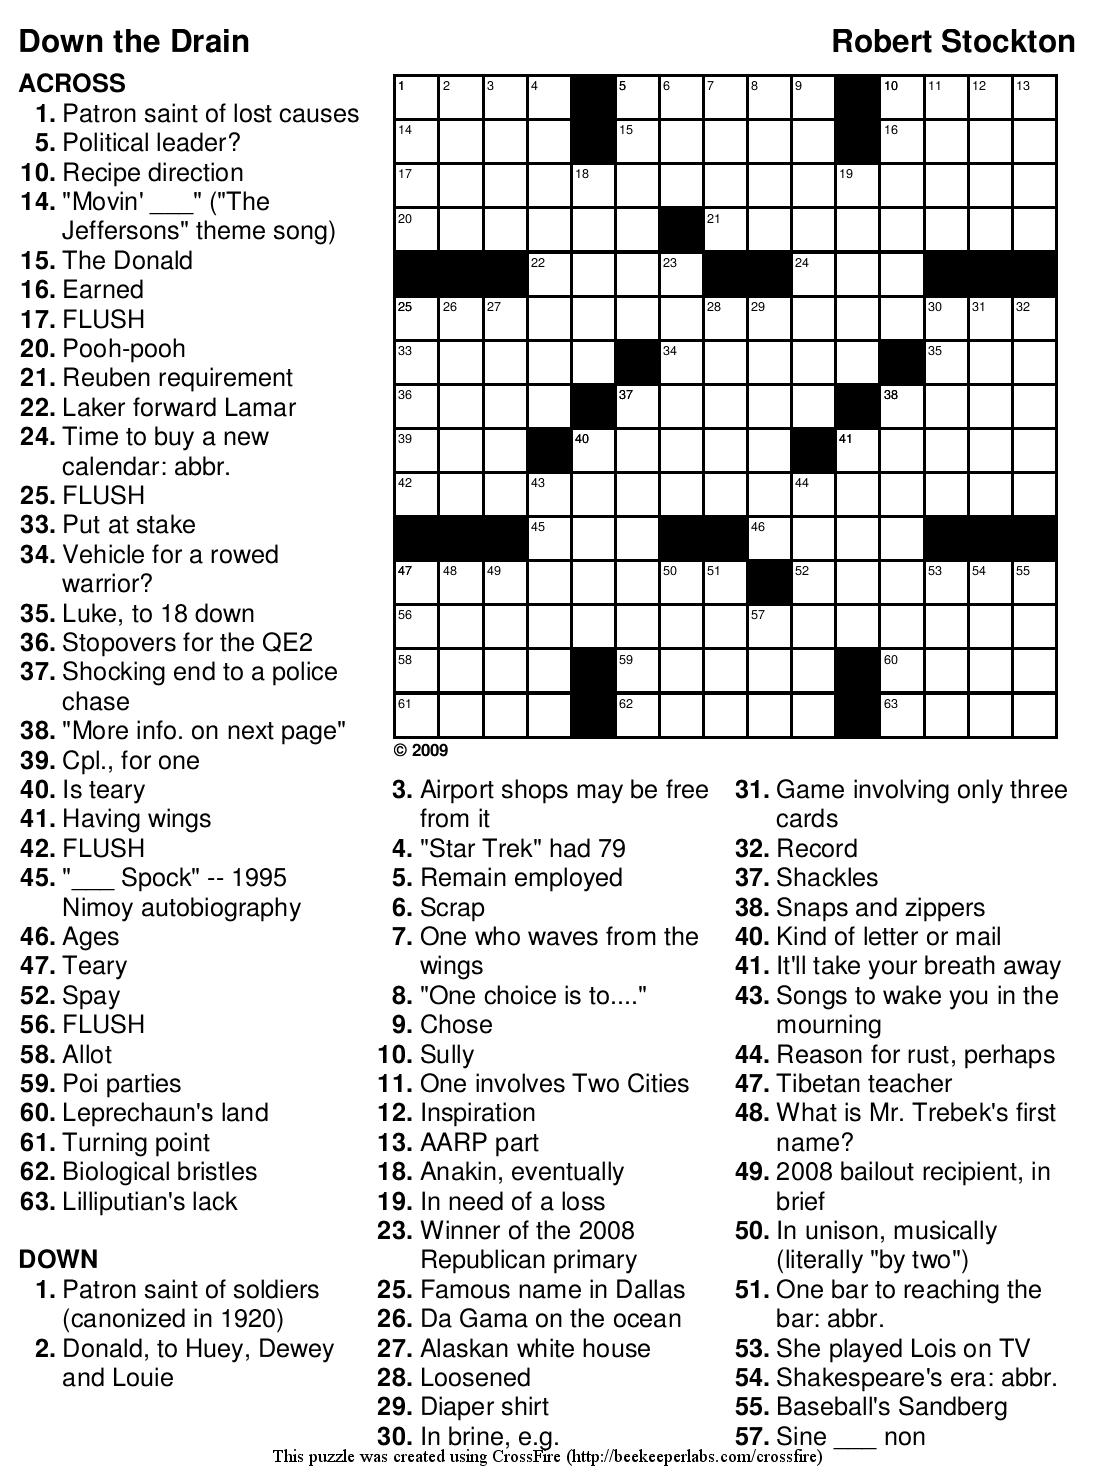 Free Printable Celebrity Crossword Puzzles